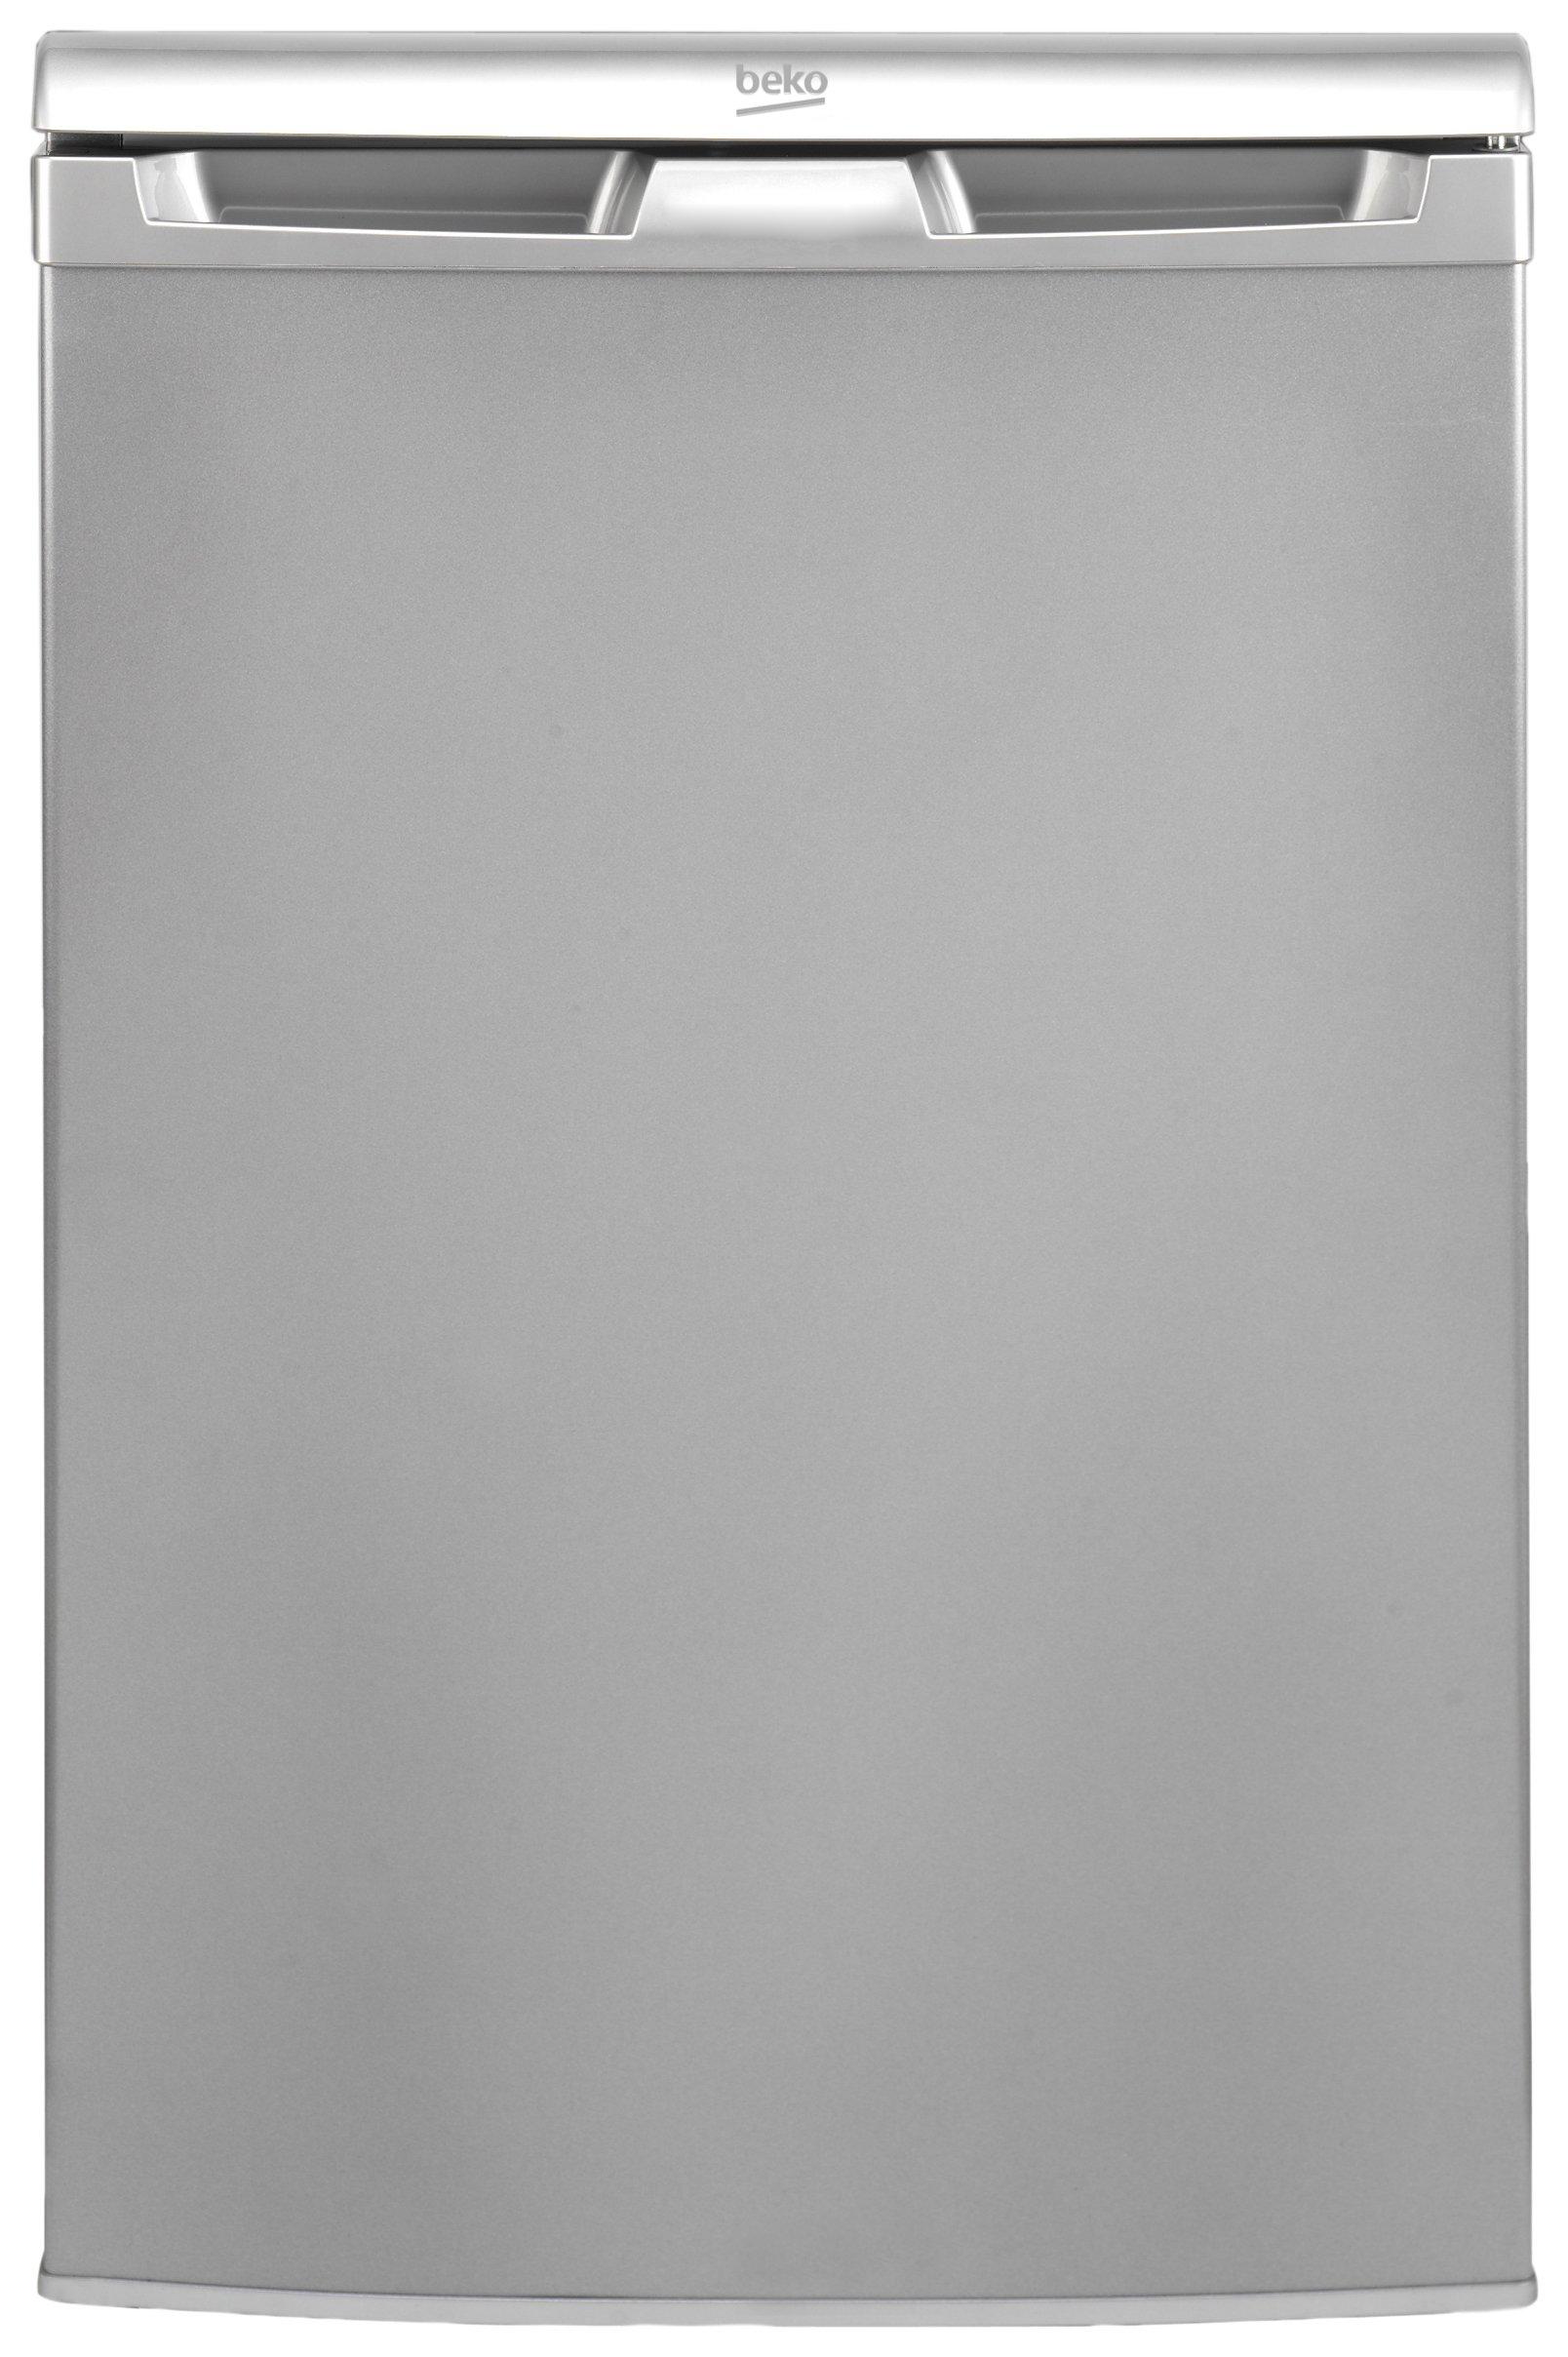 Beko - UF584AP - Under Counter - Freezer - Silver